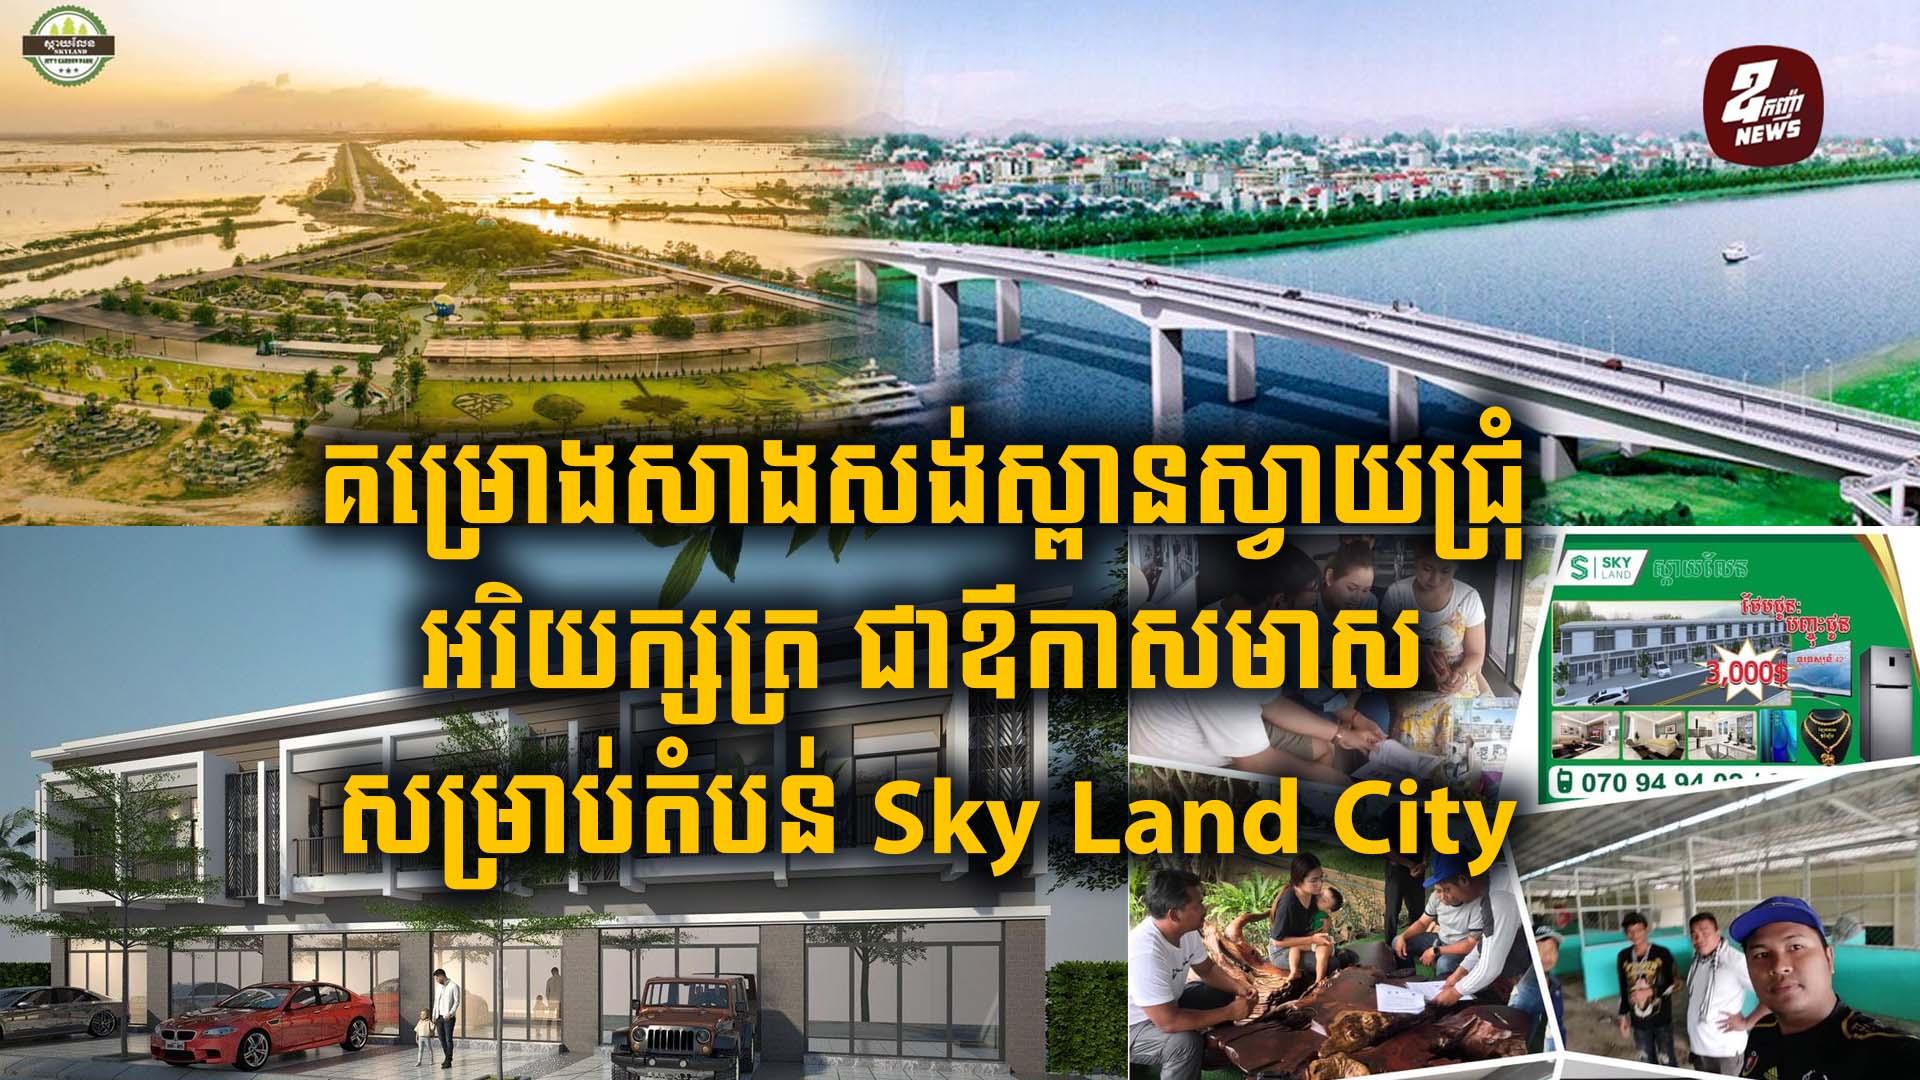 គម្រោងសាងសង់ស្ពានស្វាយជ្រុំ អរិយក្សត្រ ជាឪកាសមាស សម្រាប់អ្នកស្វែកផ្ទះល្វែងអាជីវកម្មតំបន់ Sky Land City 